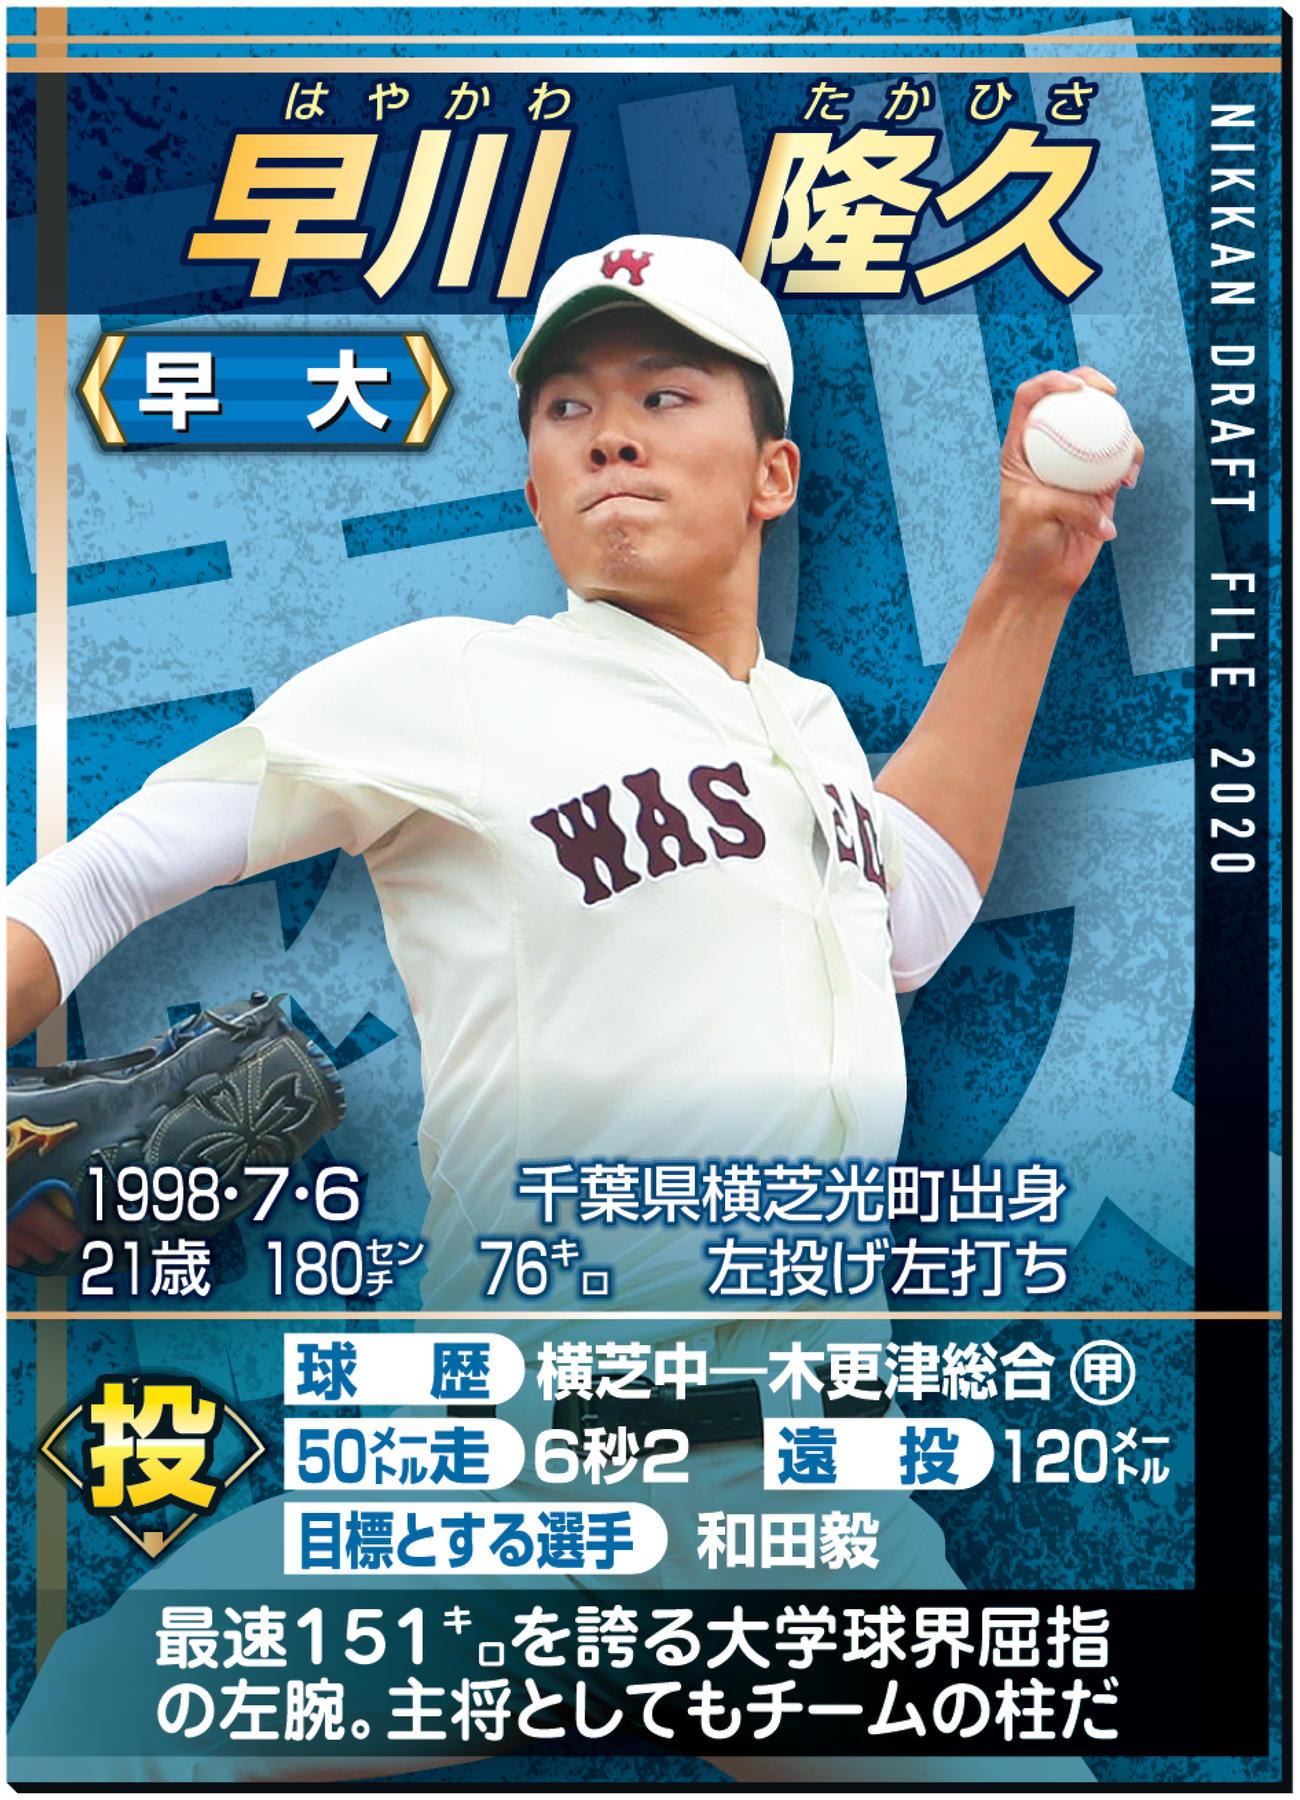 ドラフトファイル:早川隆久